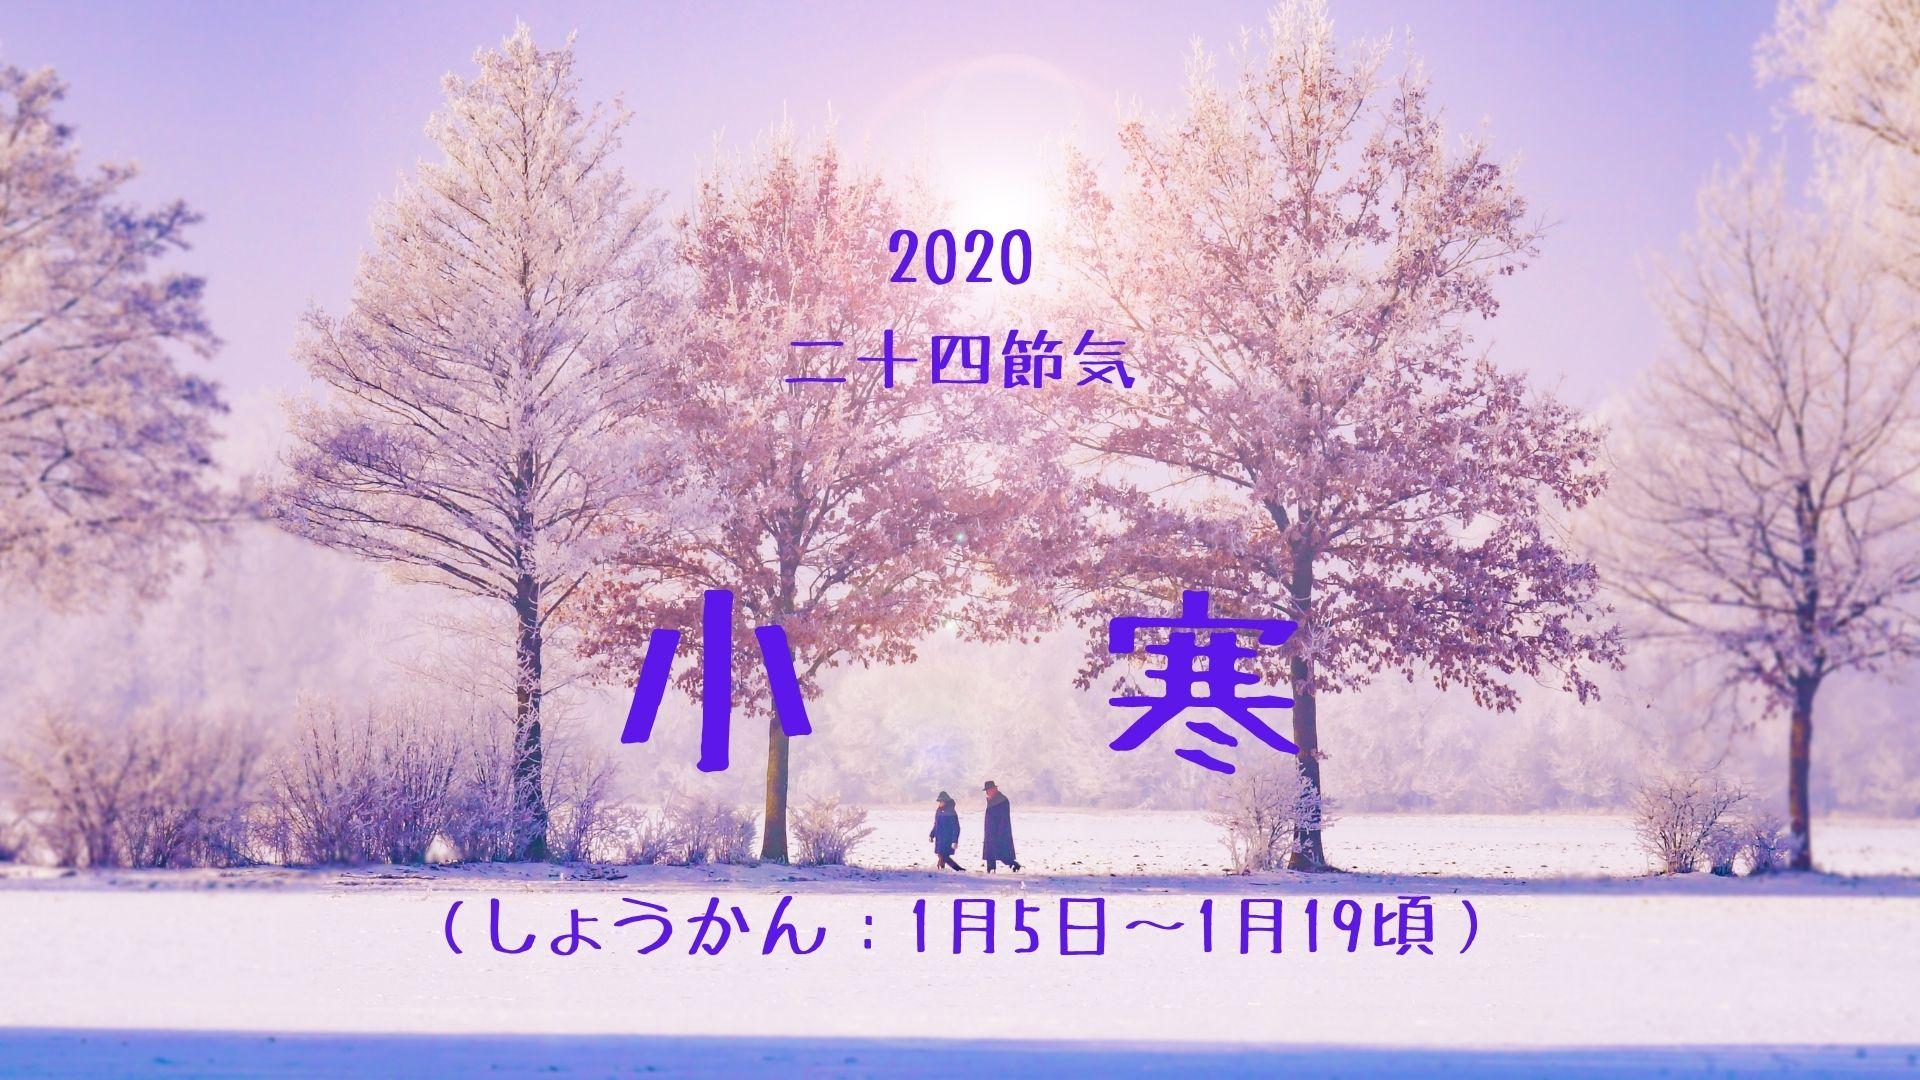 入り 2020 の 寒